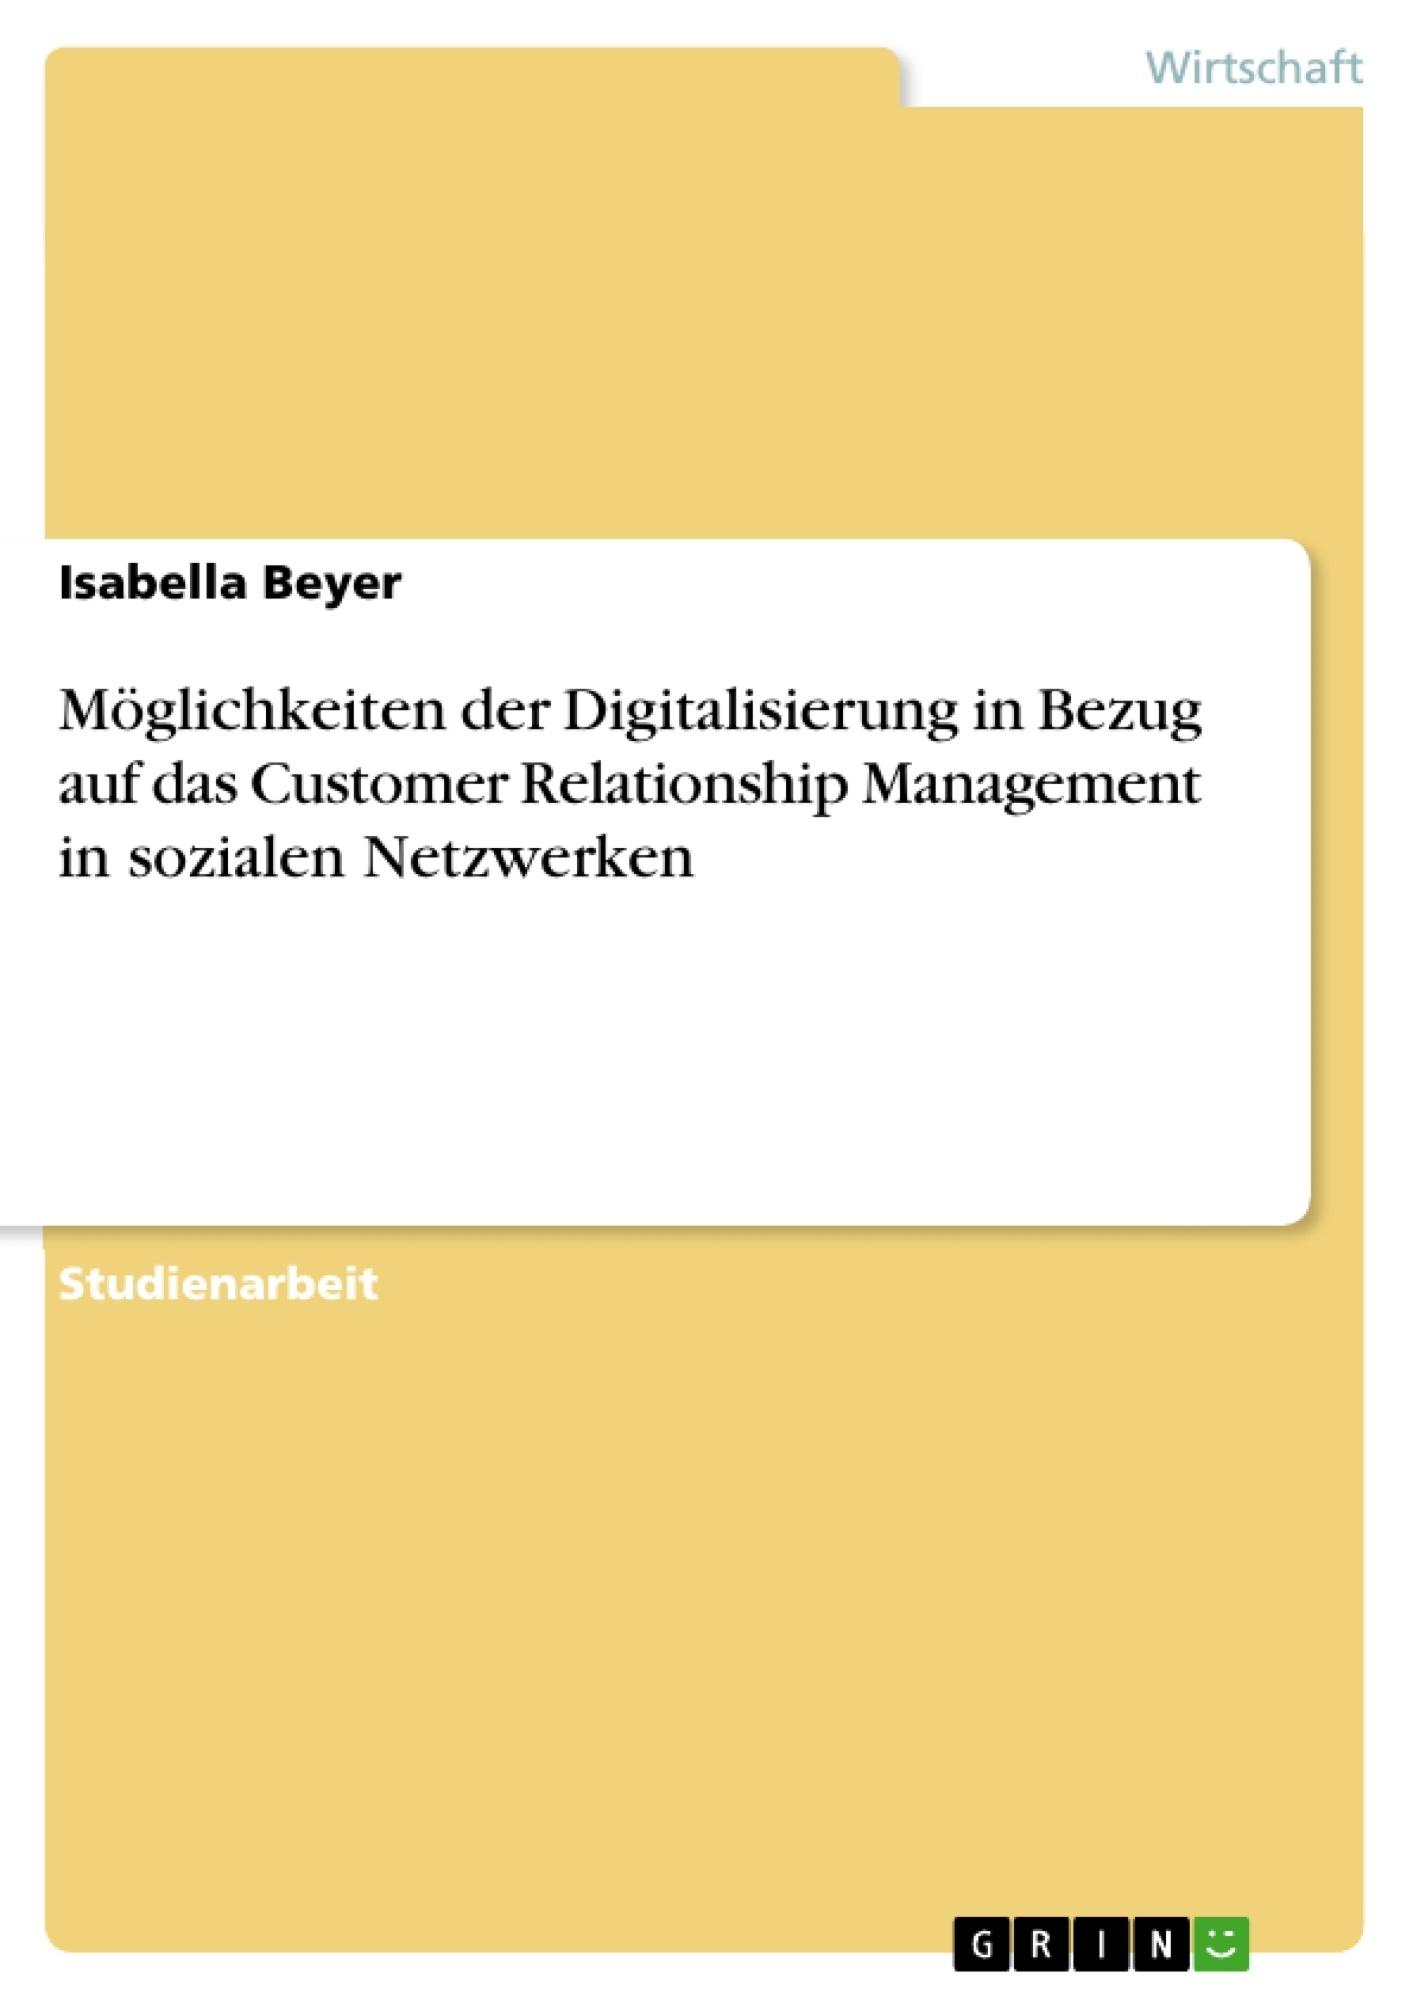 Titel: Möglichkeiten der Digitalisierung in Bezug auf das Customer Relationship Management in sozialen Netzwerken